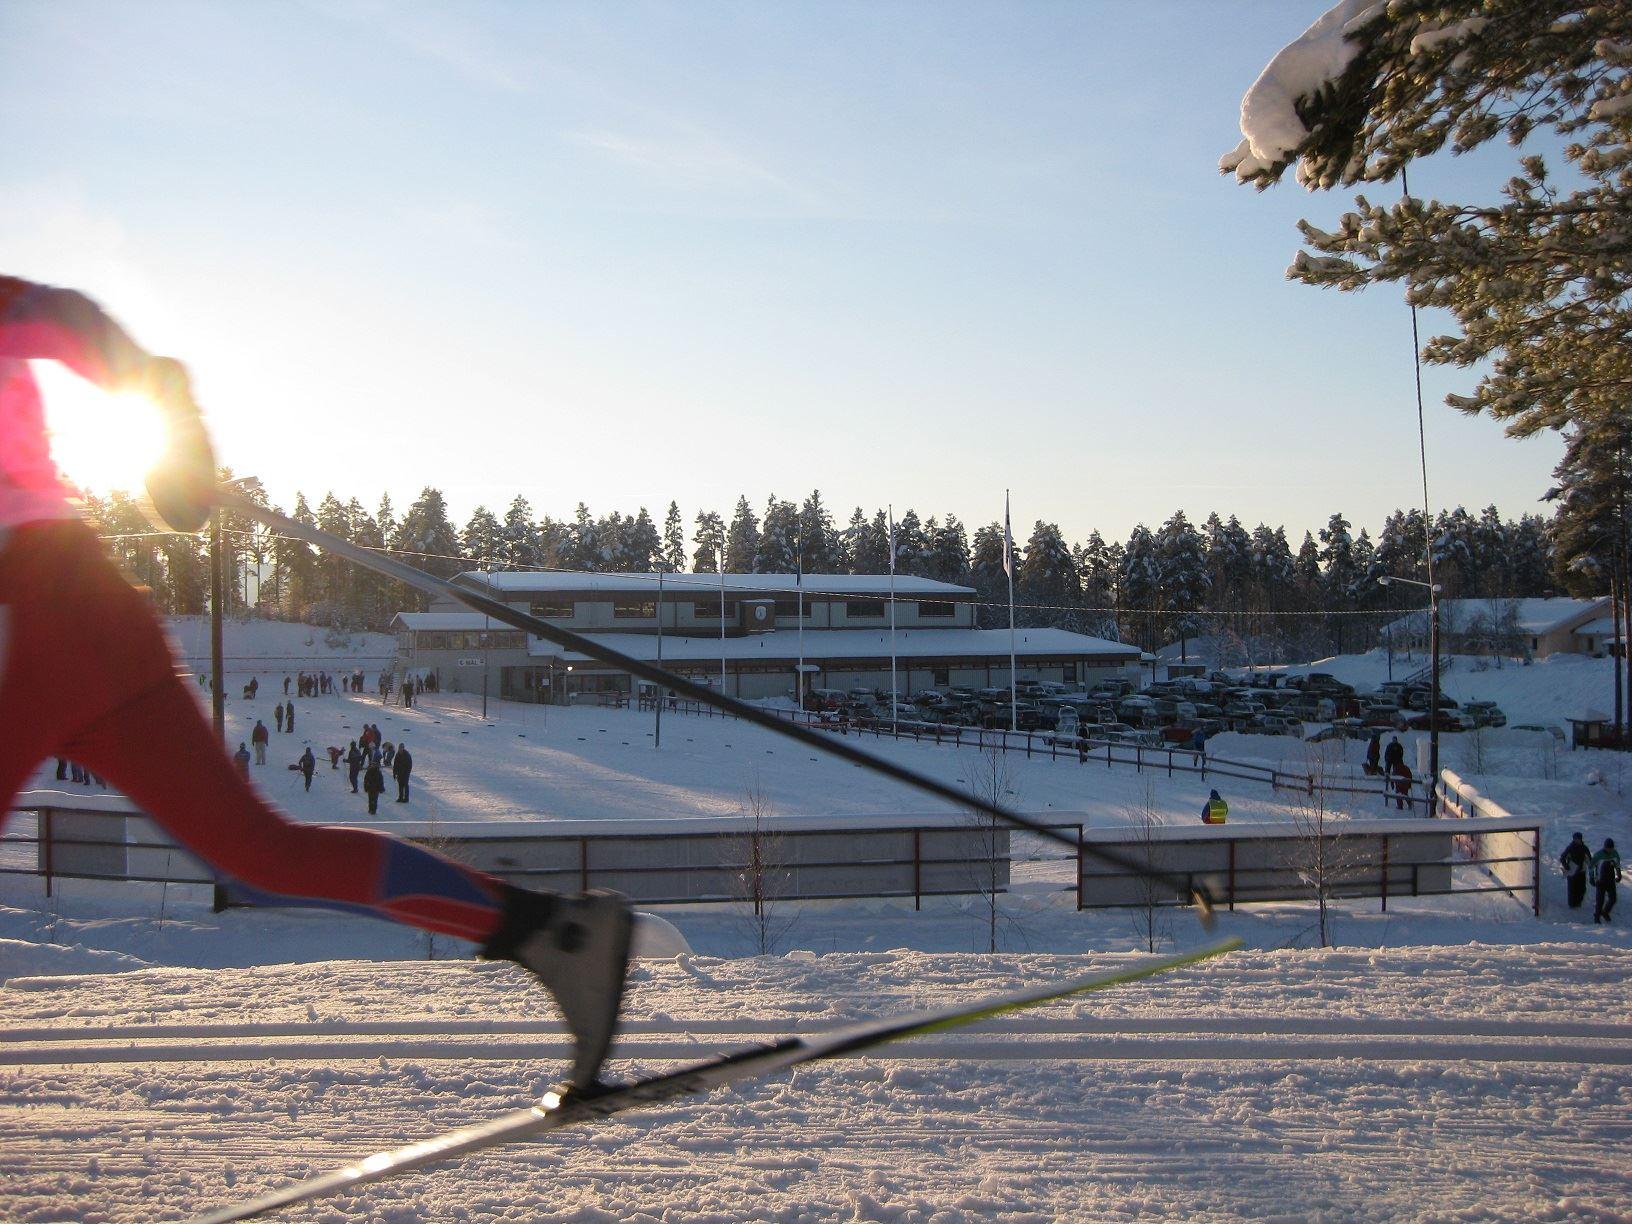 The Bear Hunt at Älvdalens skidstadion